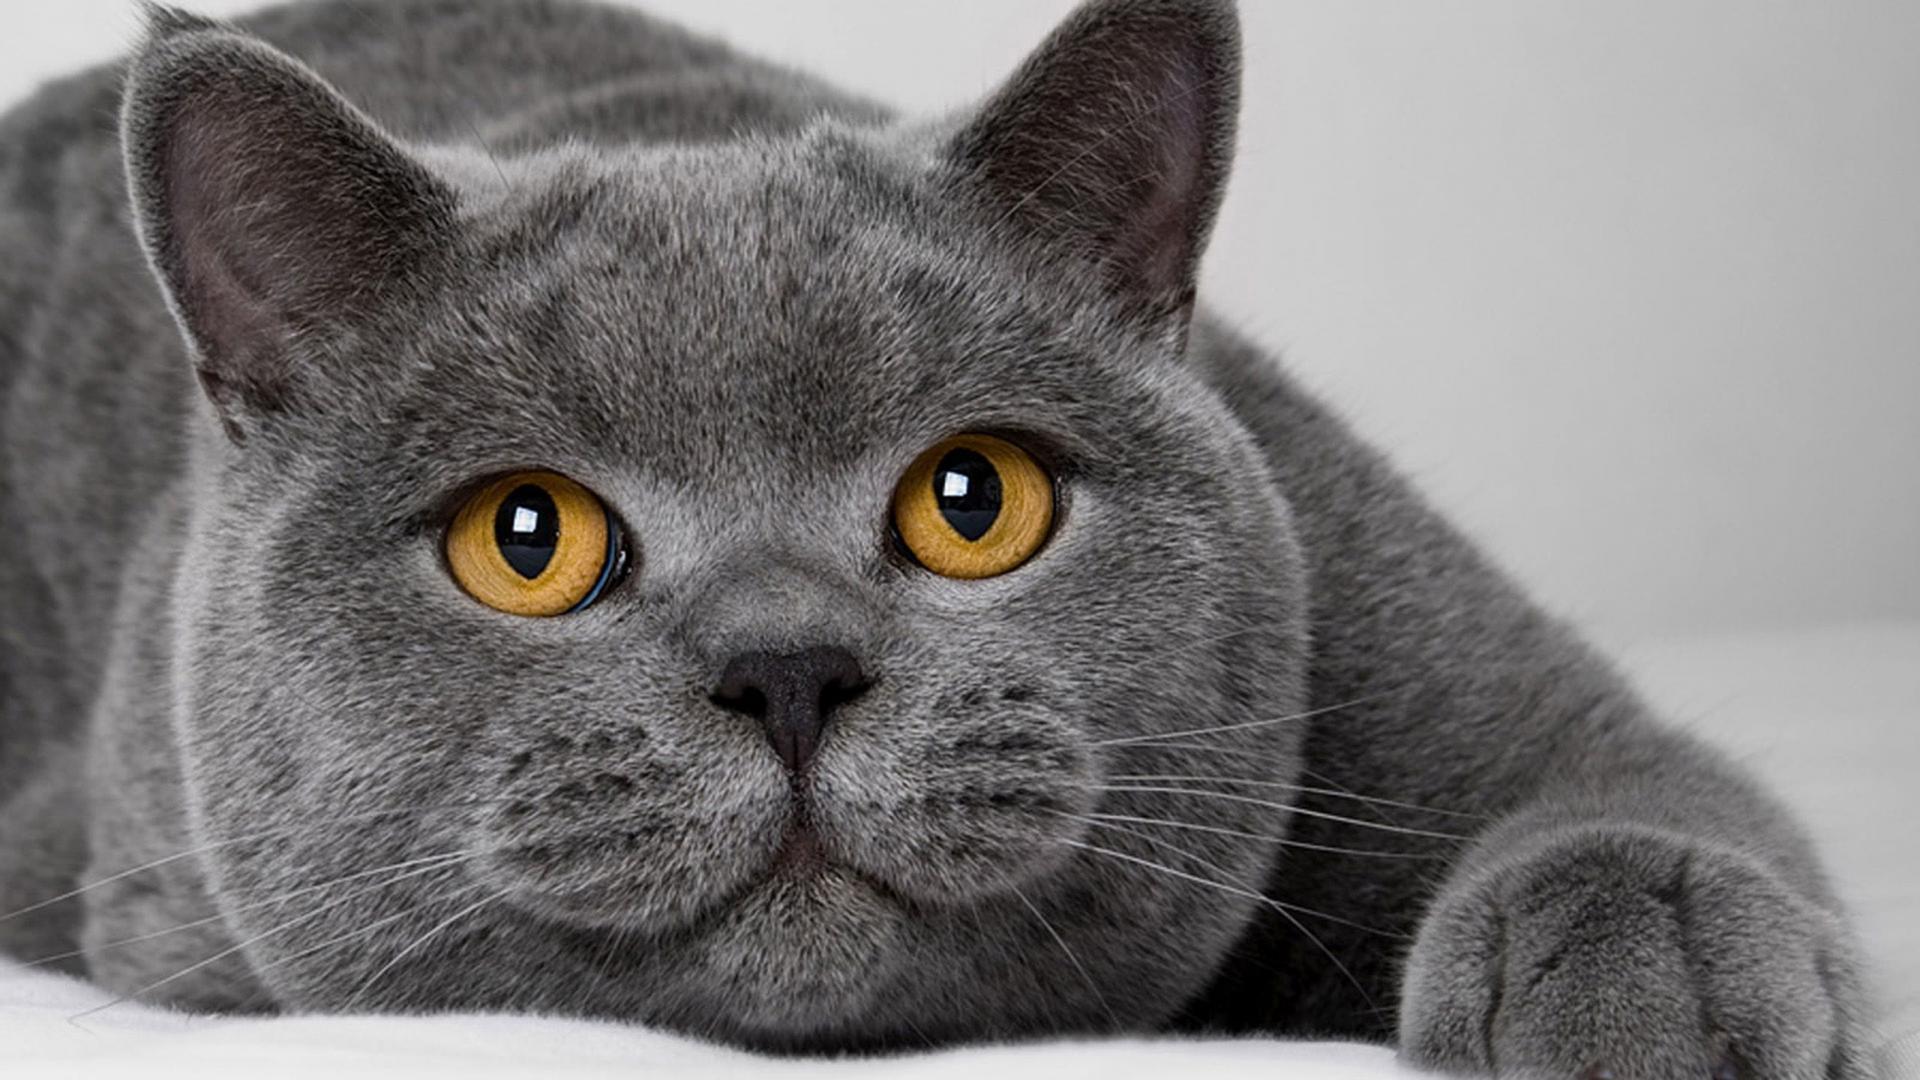 Мордочка кошки породы британская короткошёрстная